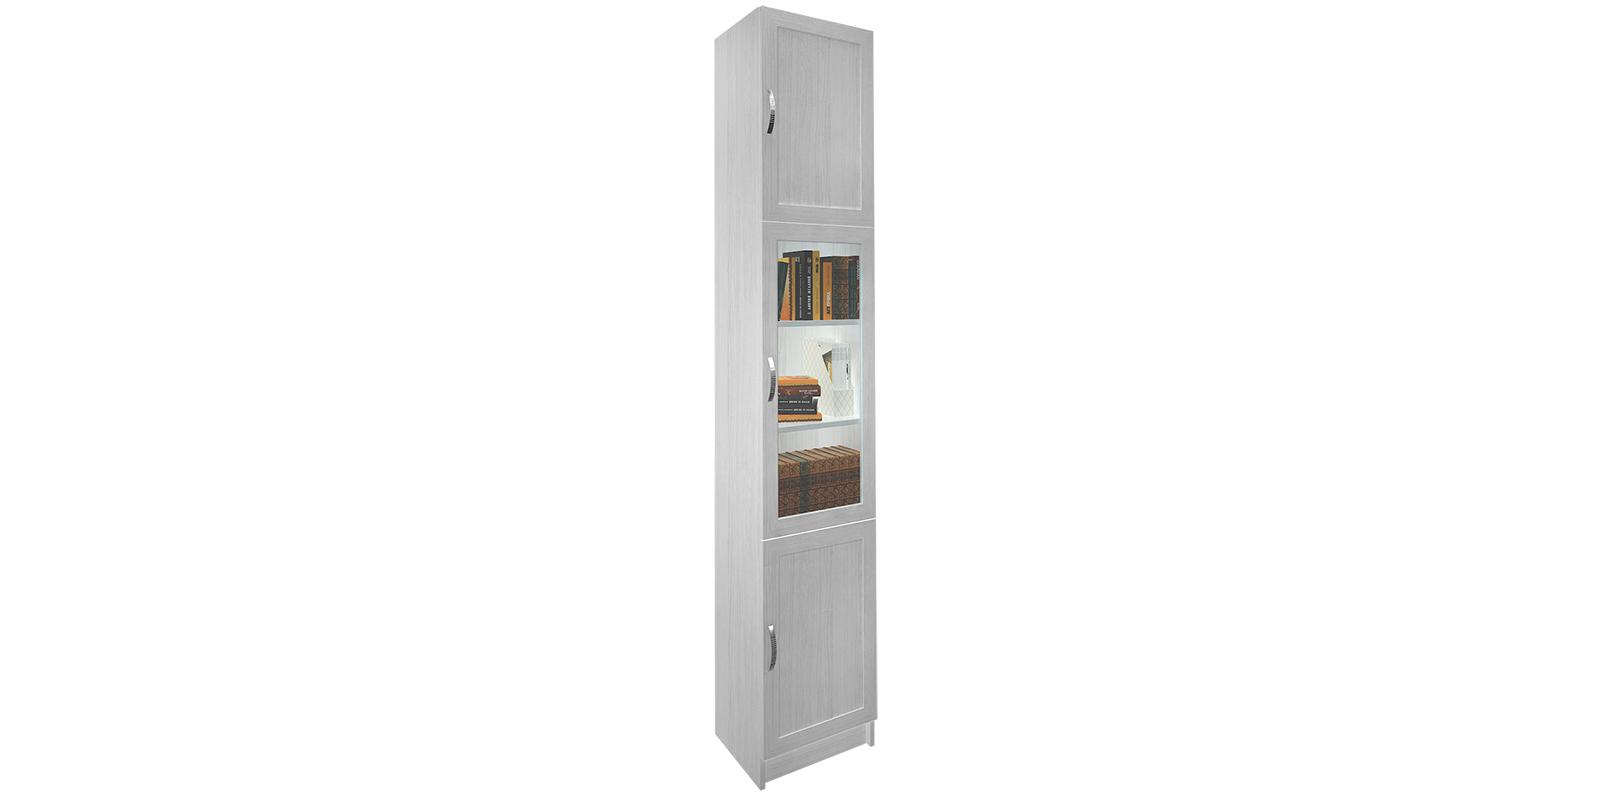 Шкаф витрина Дрезден вариант №2 40 см (белый) от HomeMe.ru